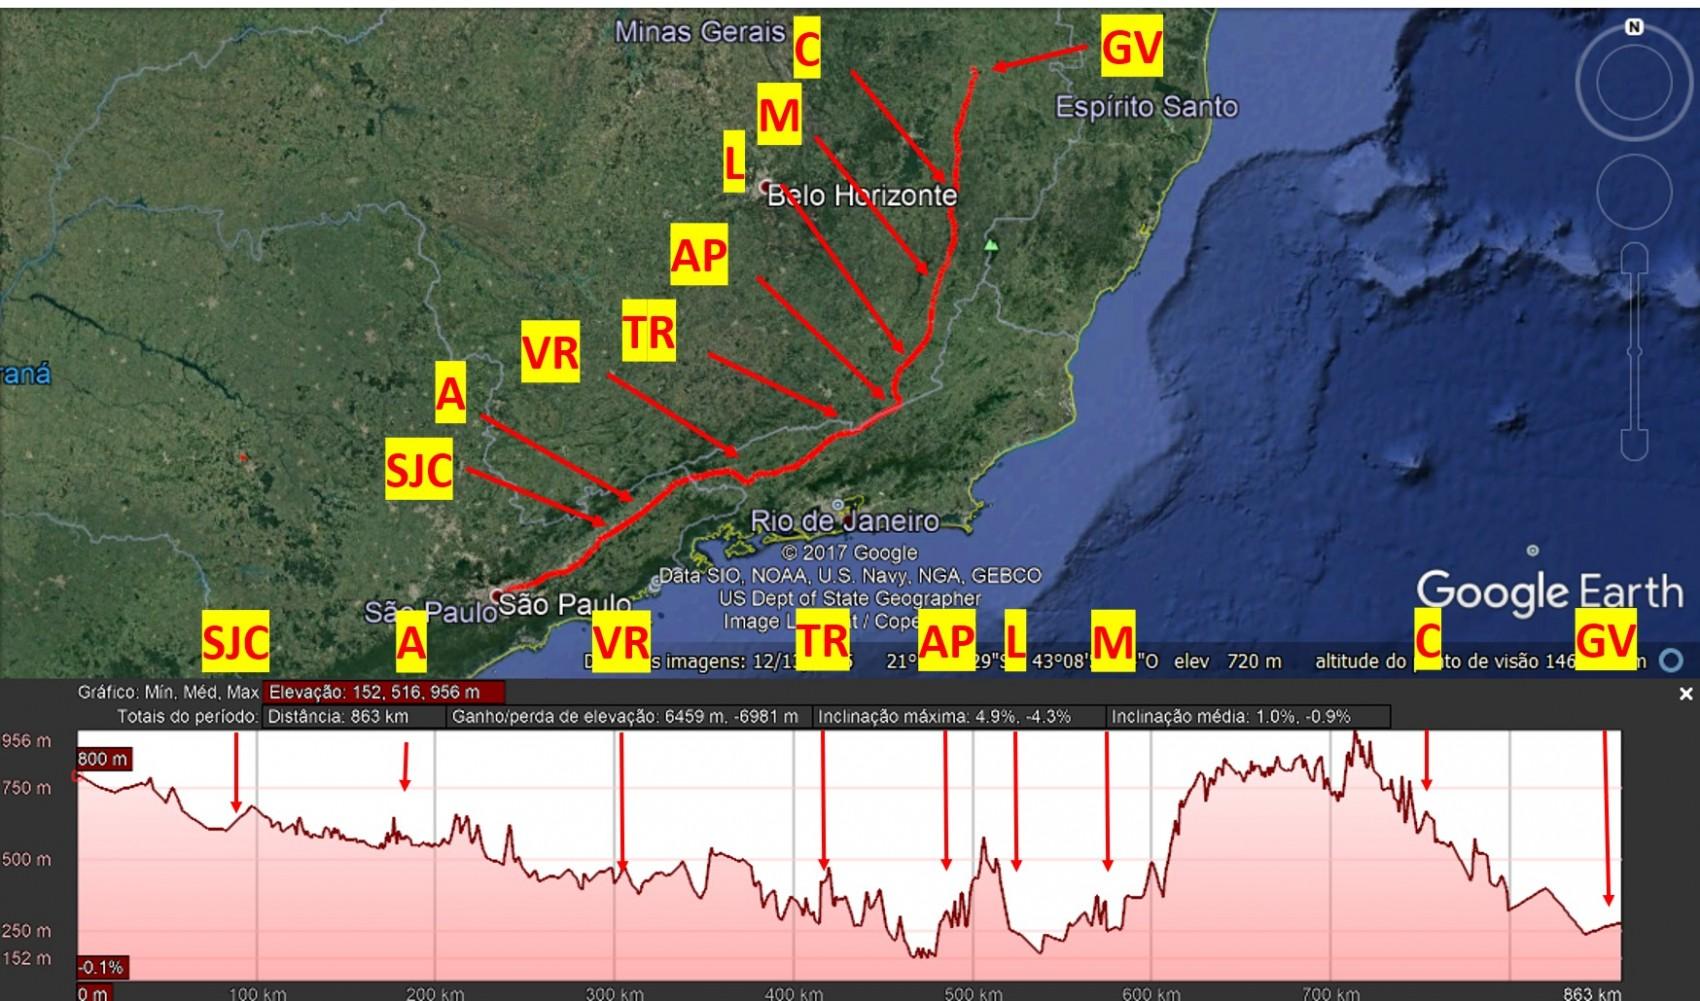 Figura 2 – Perfil diagrama da altimetria do percurso realizado entre São Paulo/SP a Governador Valadares/MG. Código dos municípios na Figura 1.